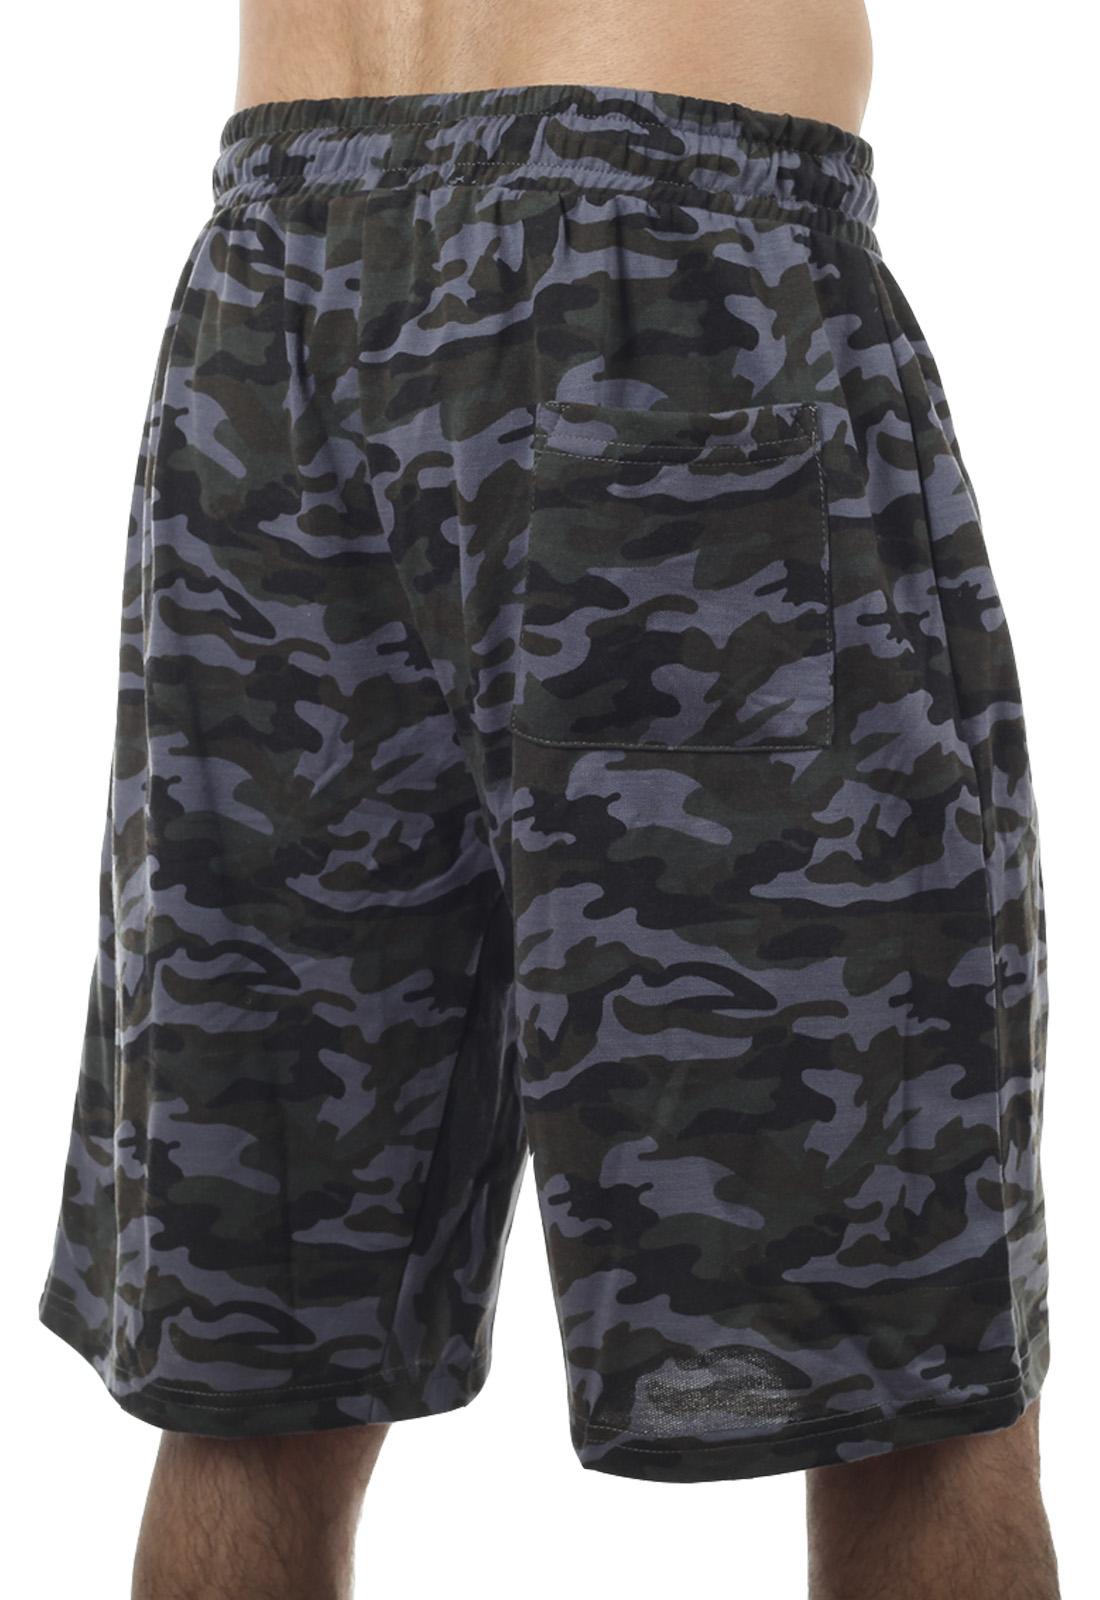 Темные камуфляжные шорты с карманами  нашивкой РХБЗ - купить онлайн